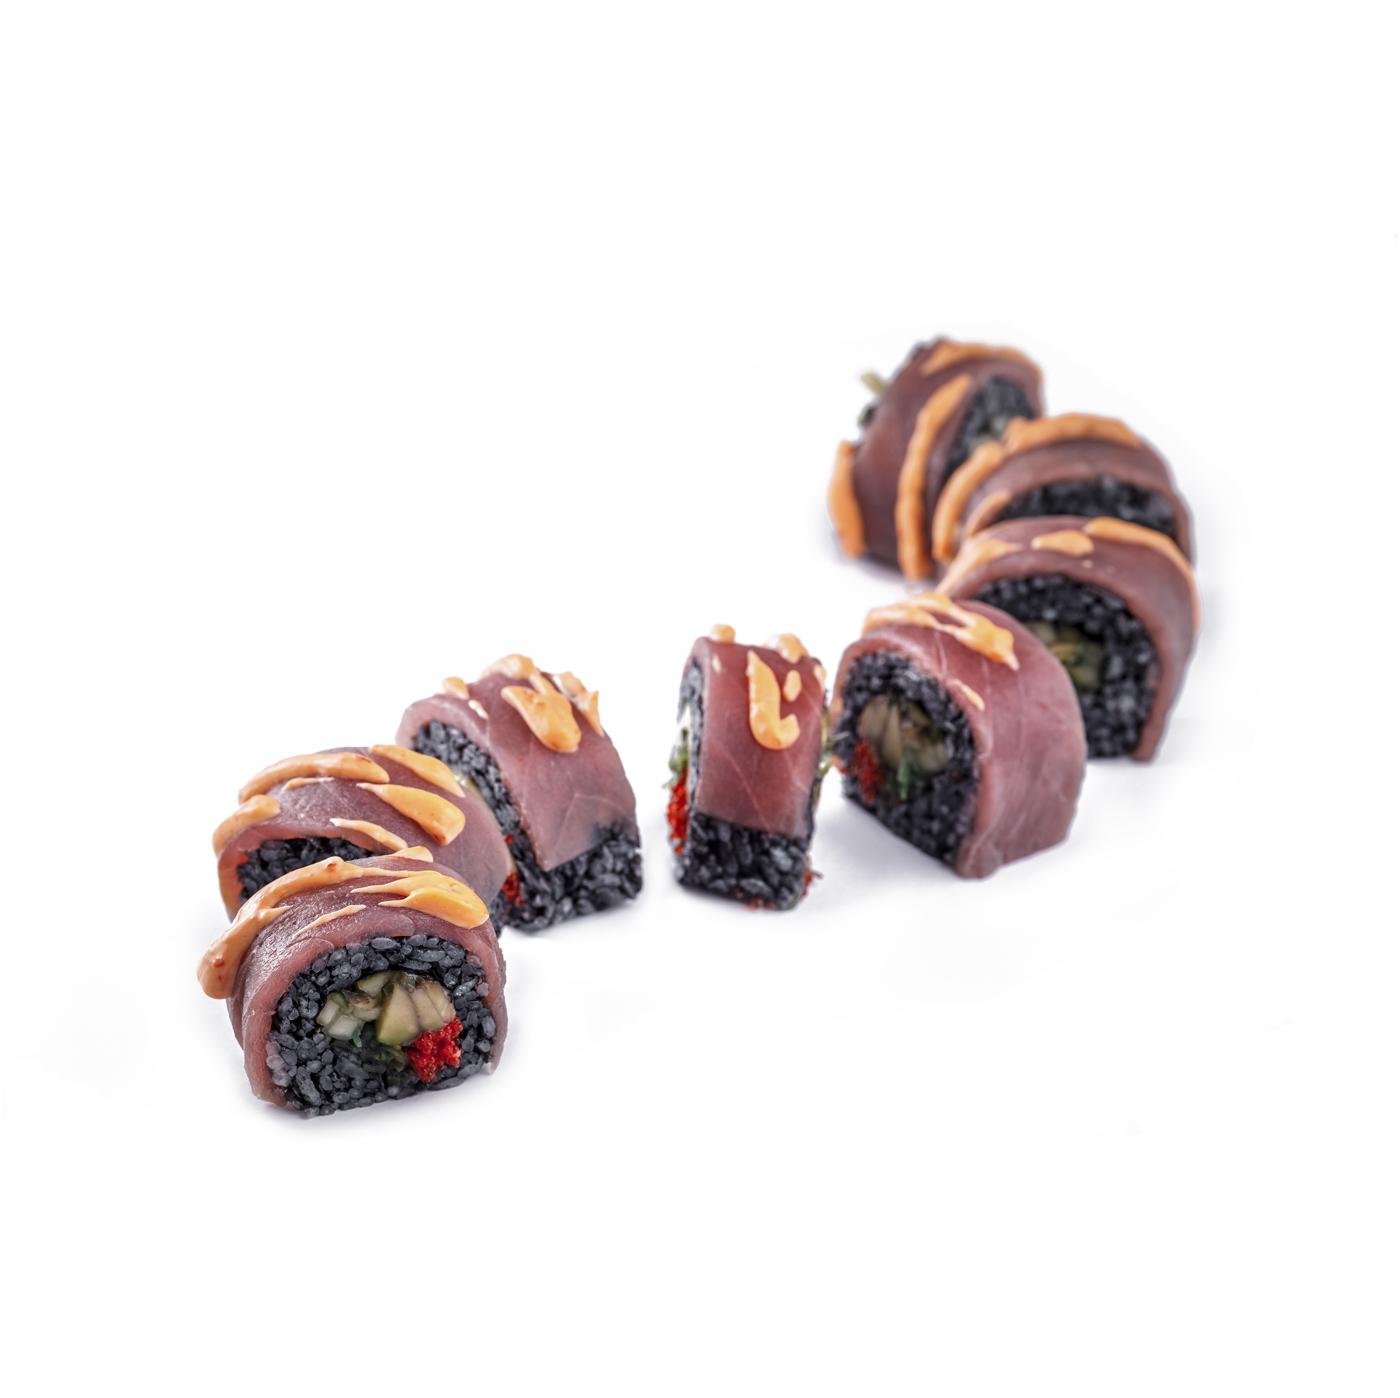 Черный дракон - Abokado. Бесплатная доставка суши премиум качества Позняки, Оболонь